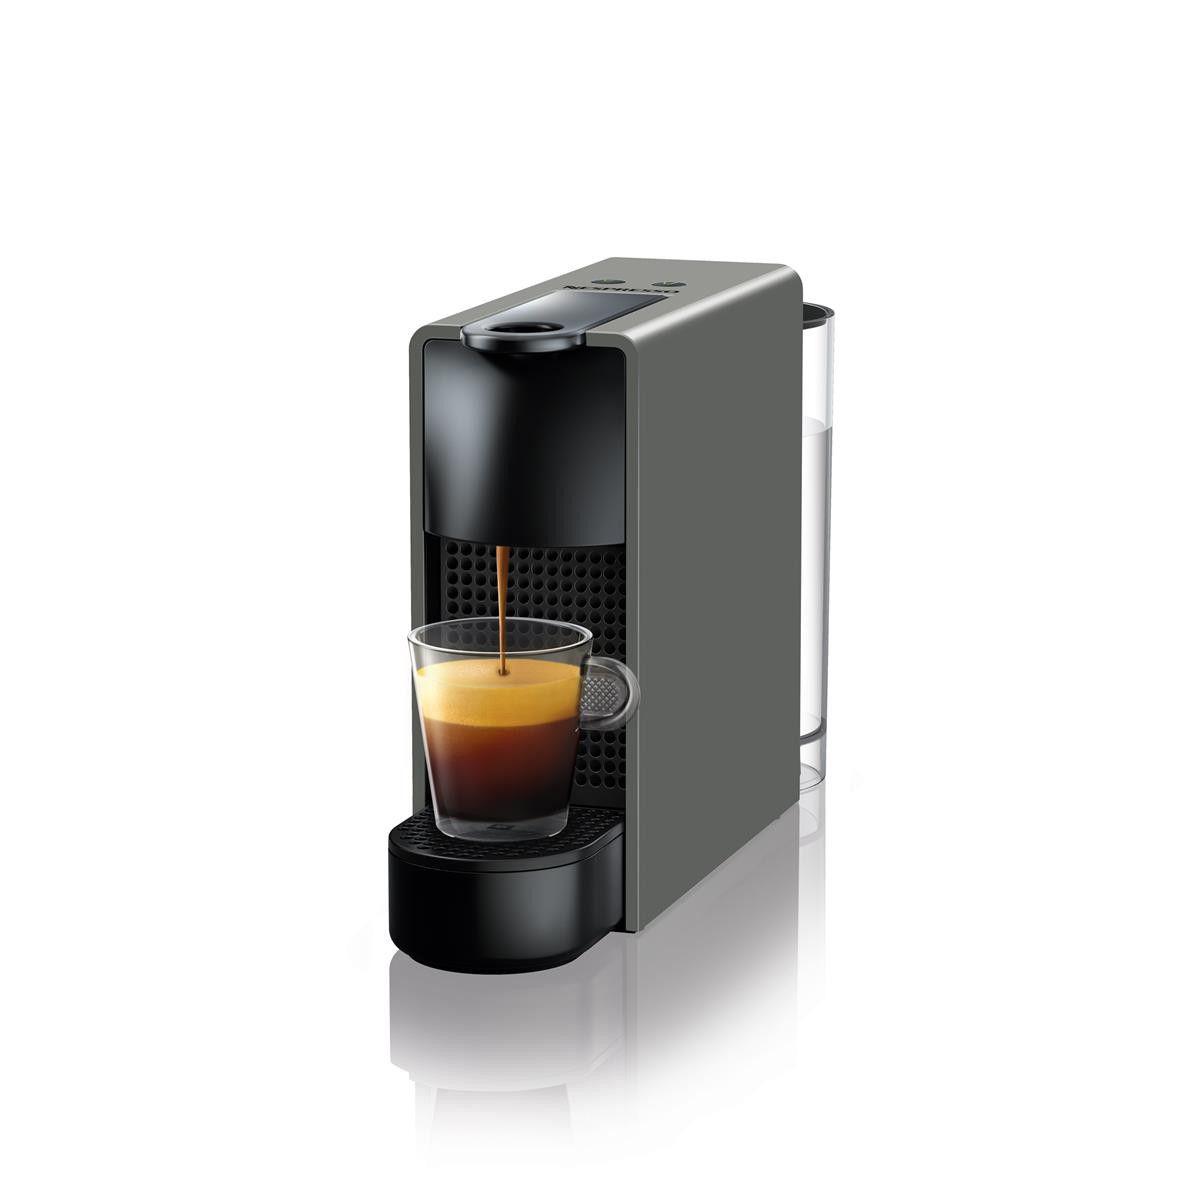 Buy Nespresso Coffee Machine